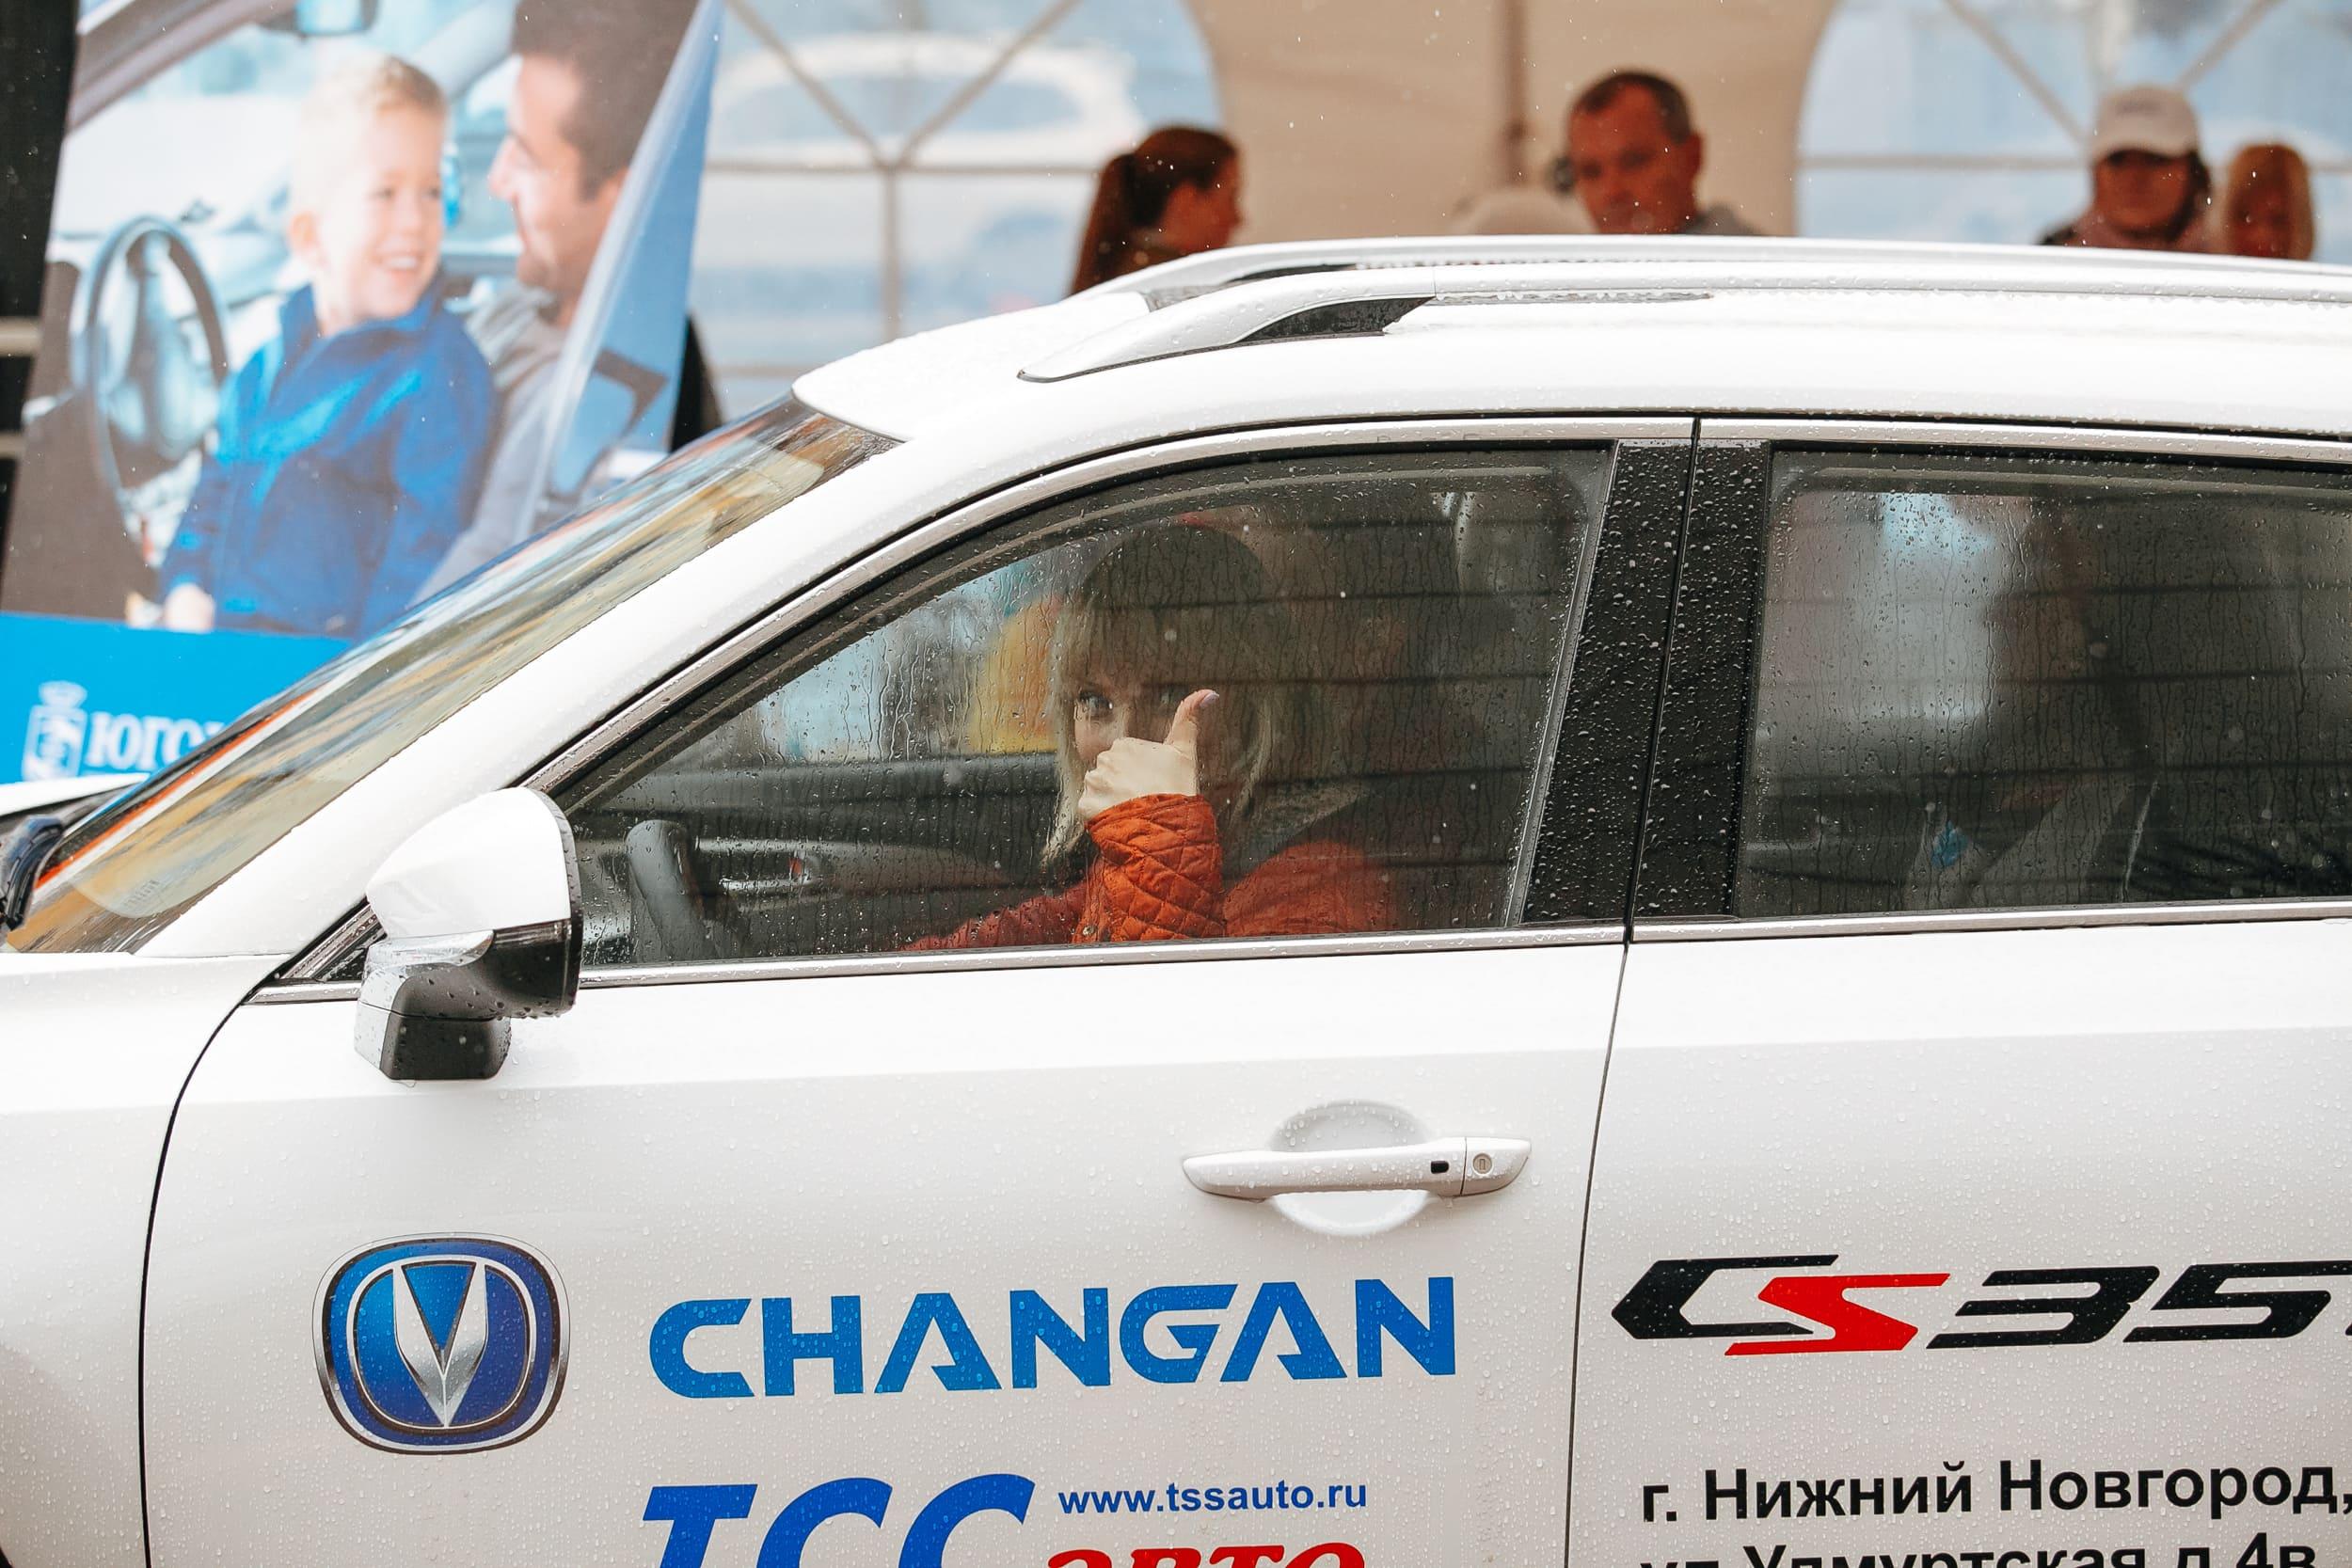 Тест-драйв Чанган